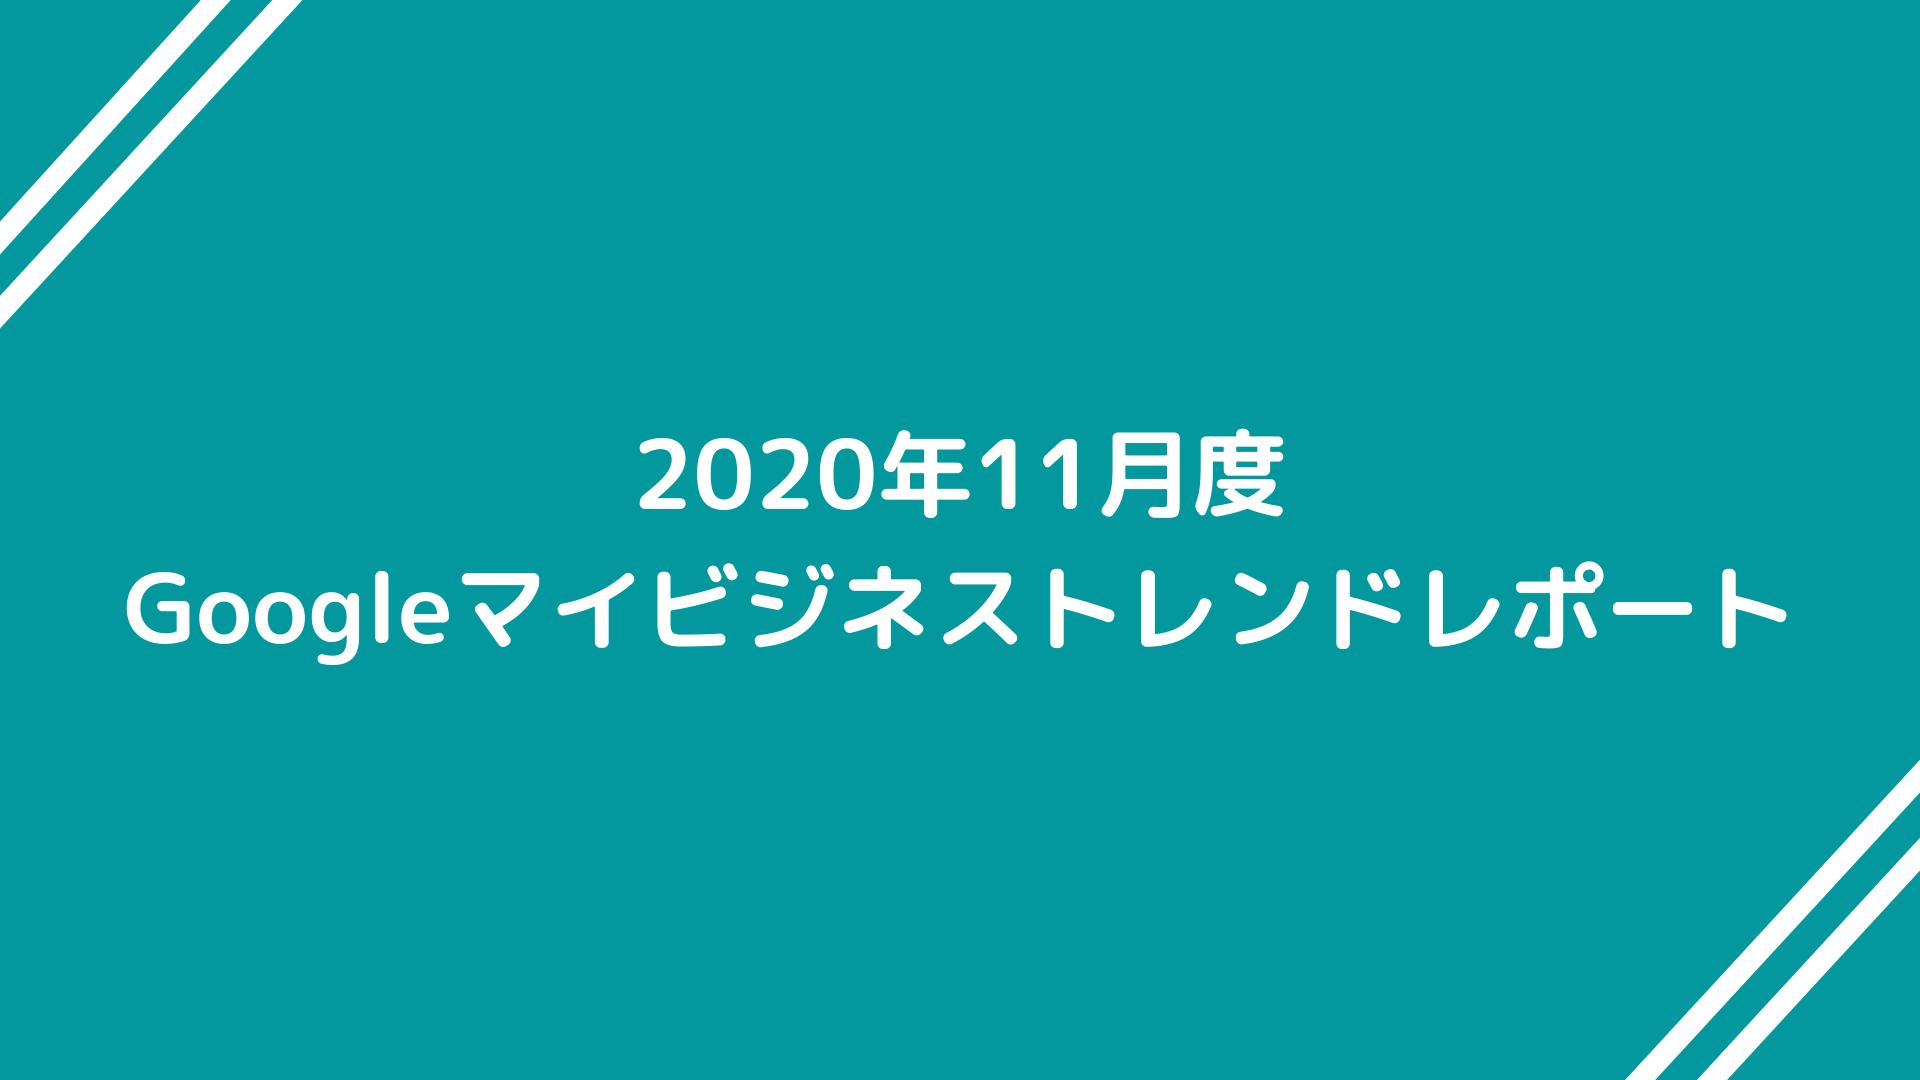 2020年11月度Googleマイビジネストレンドレポート